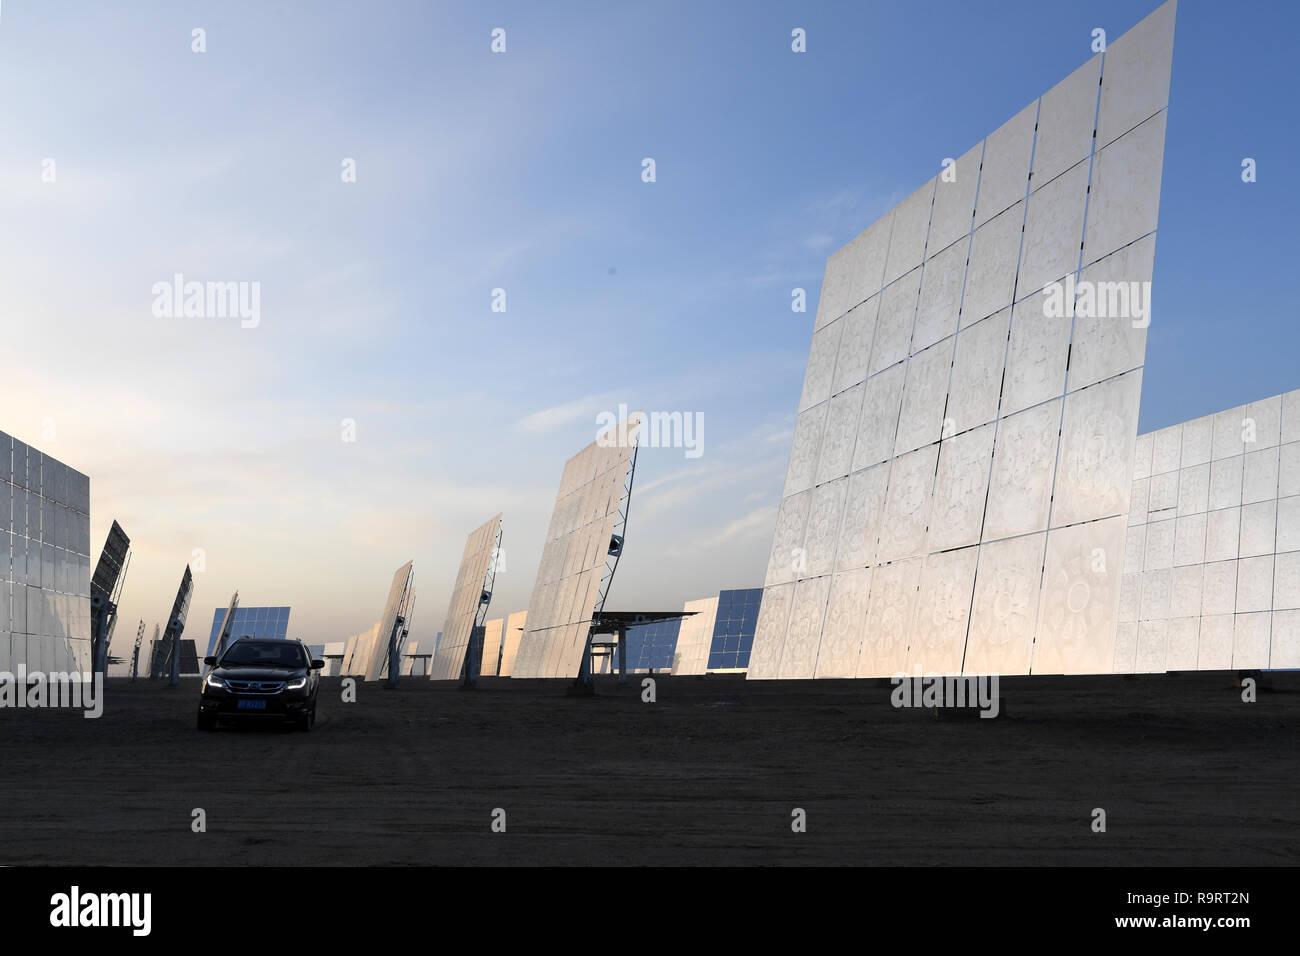 Dunhuang. 25 Dic, 2018. Foto scattata a Dic. 25, 2018 mostra il heliostats di un sale fuso termico solare energia elettrica a Dunhuang, a nord-ovest della Cina di Provincia di Gansu. Il progetto di 100 megawatt di sale fuso di energia solare concentrata di energia solare (CSP) impianto, in grado di fornire 24 ore di alimentazione ininterrotta, è stato completato giovedì. Credit: ventola Peishen/Xinhua/Alamy Live News Foto Stock